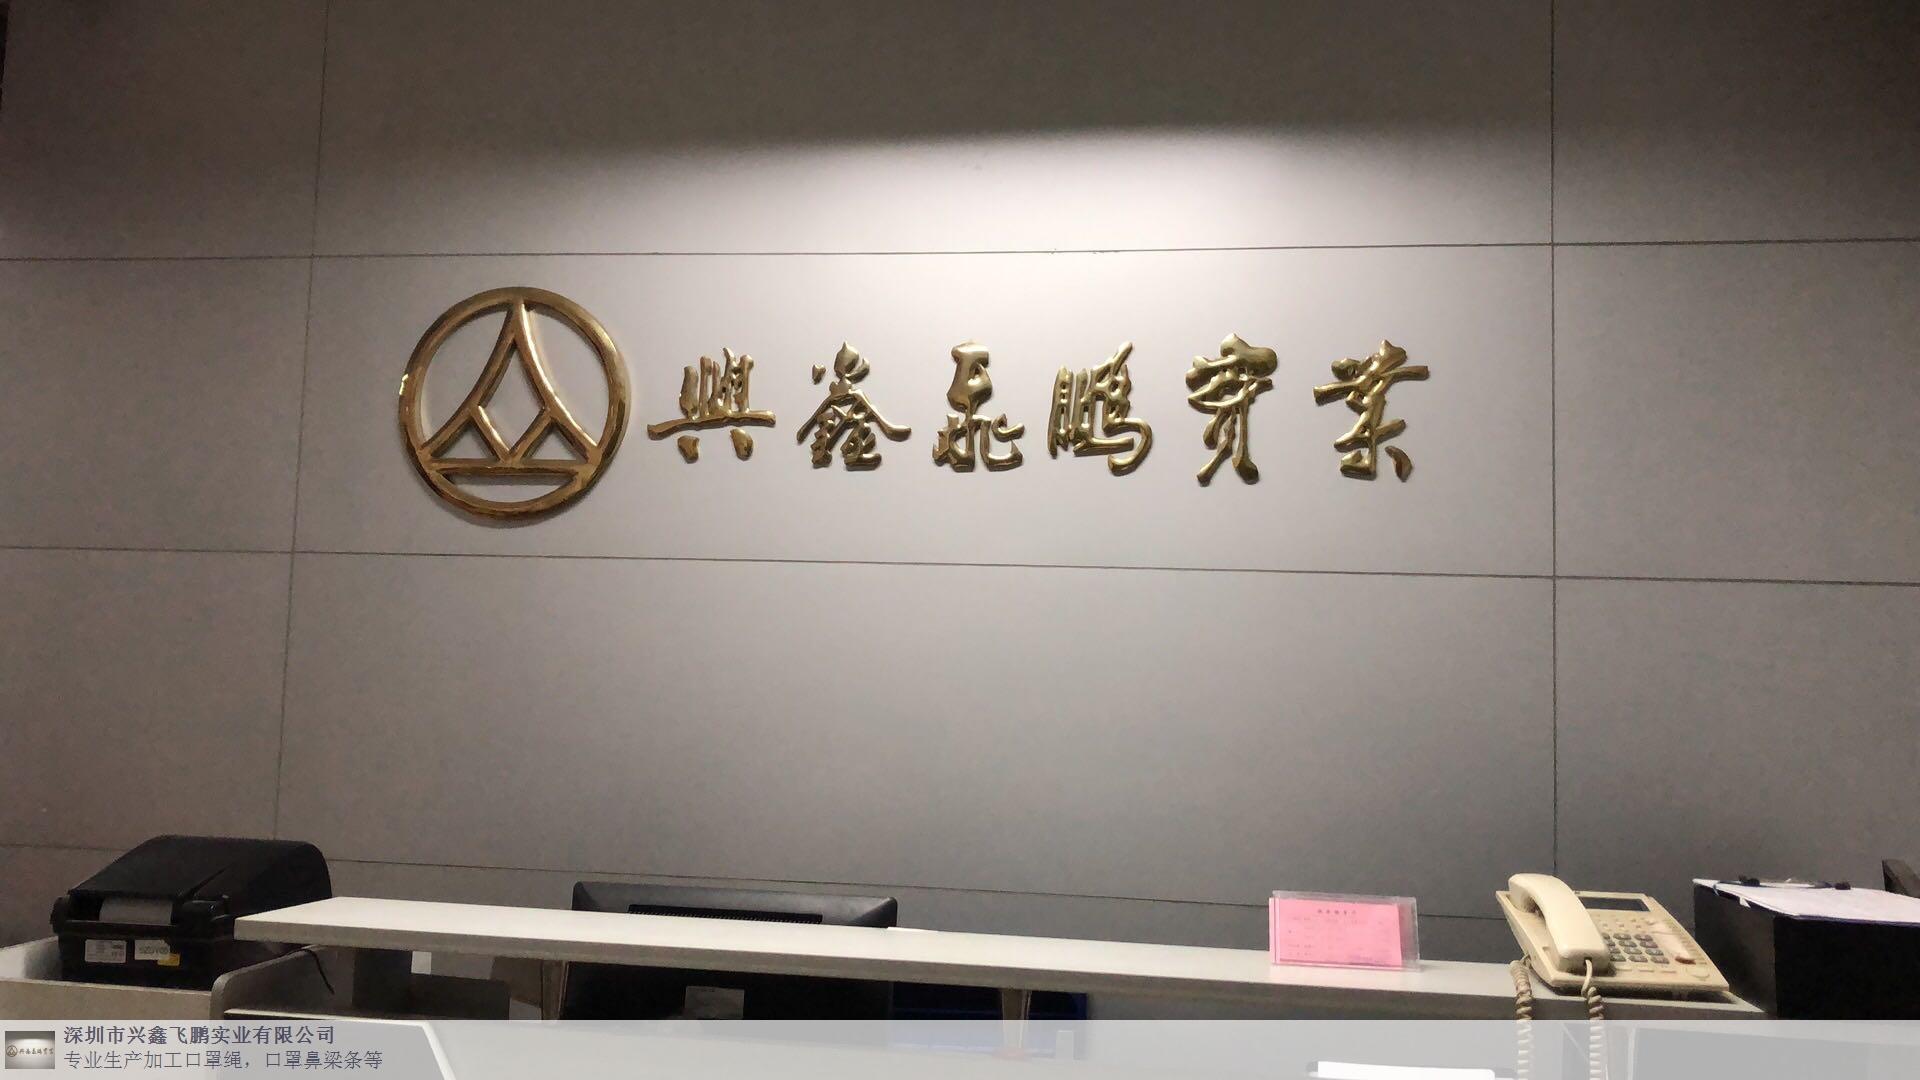 N95口罩耳绳质量好「 深圳市兴鑫飞鹏实业供应」